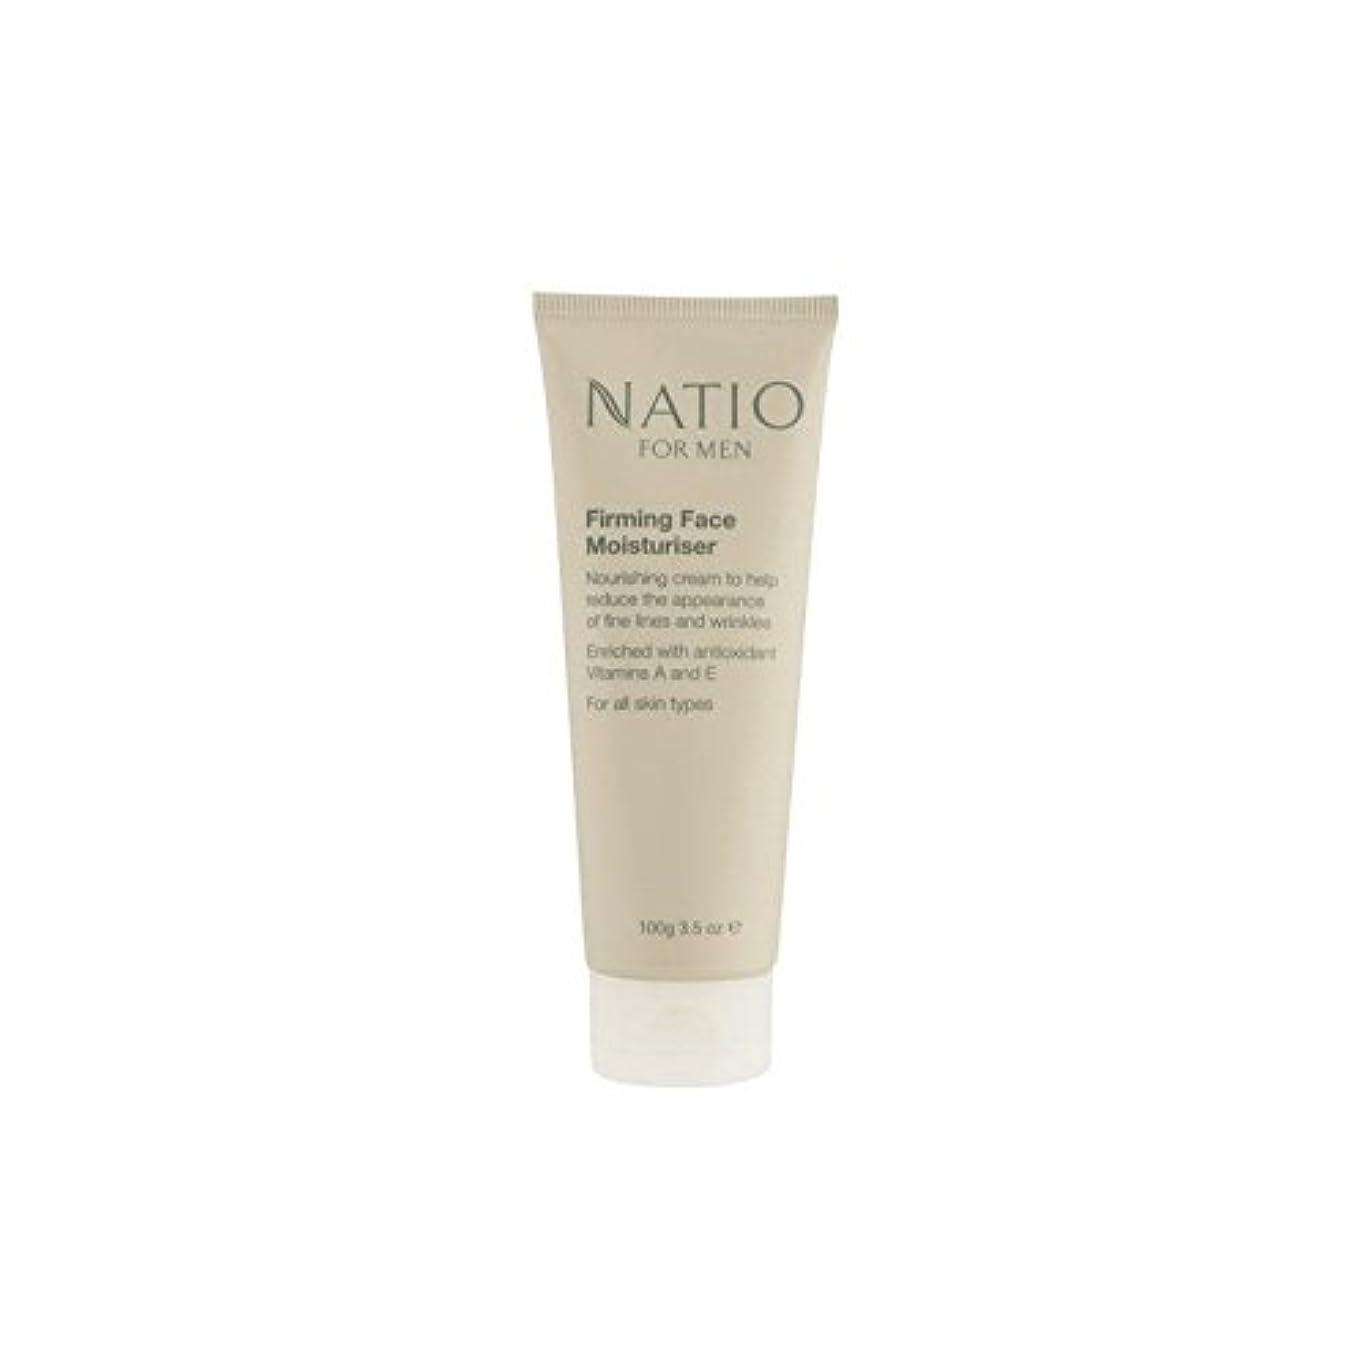 相談するすすり泣き事実上顔の保湿剤を引き締め男性のための(100グラム) x4 - Natio For Men Firming Face Moisturiser (100G) (Pack of 4) [並行輸入品]